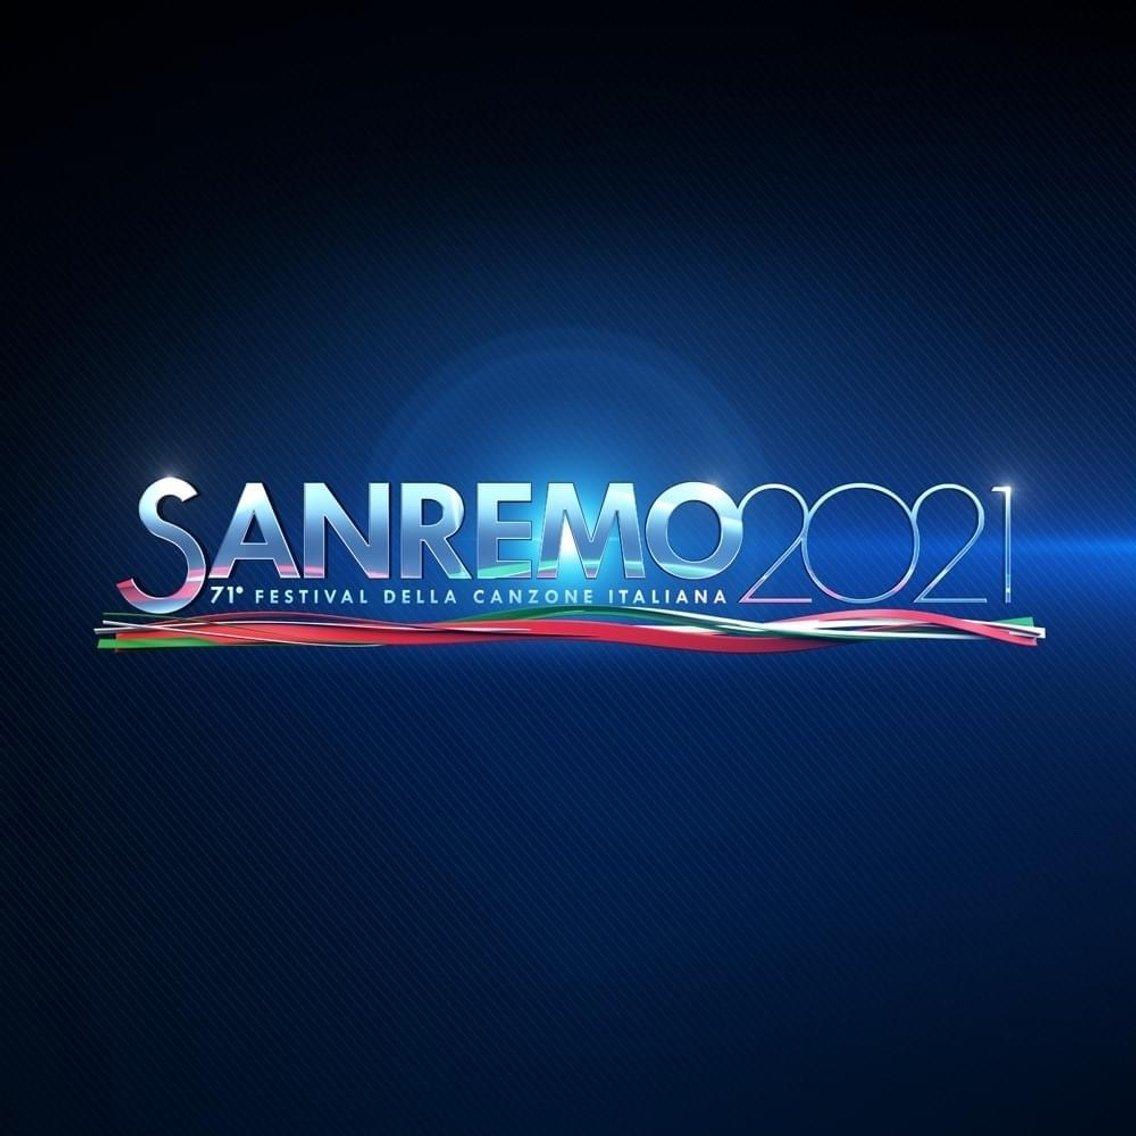 Speciale Sanremo 2021 - immagine di copertina